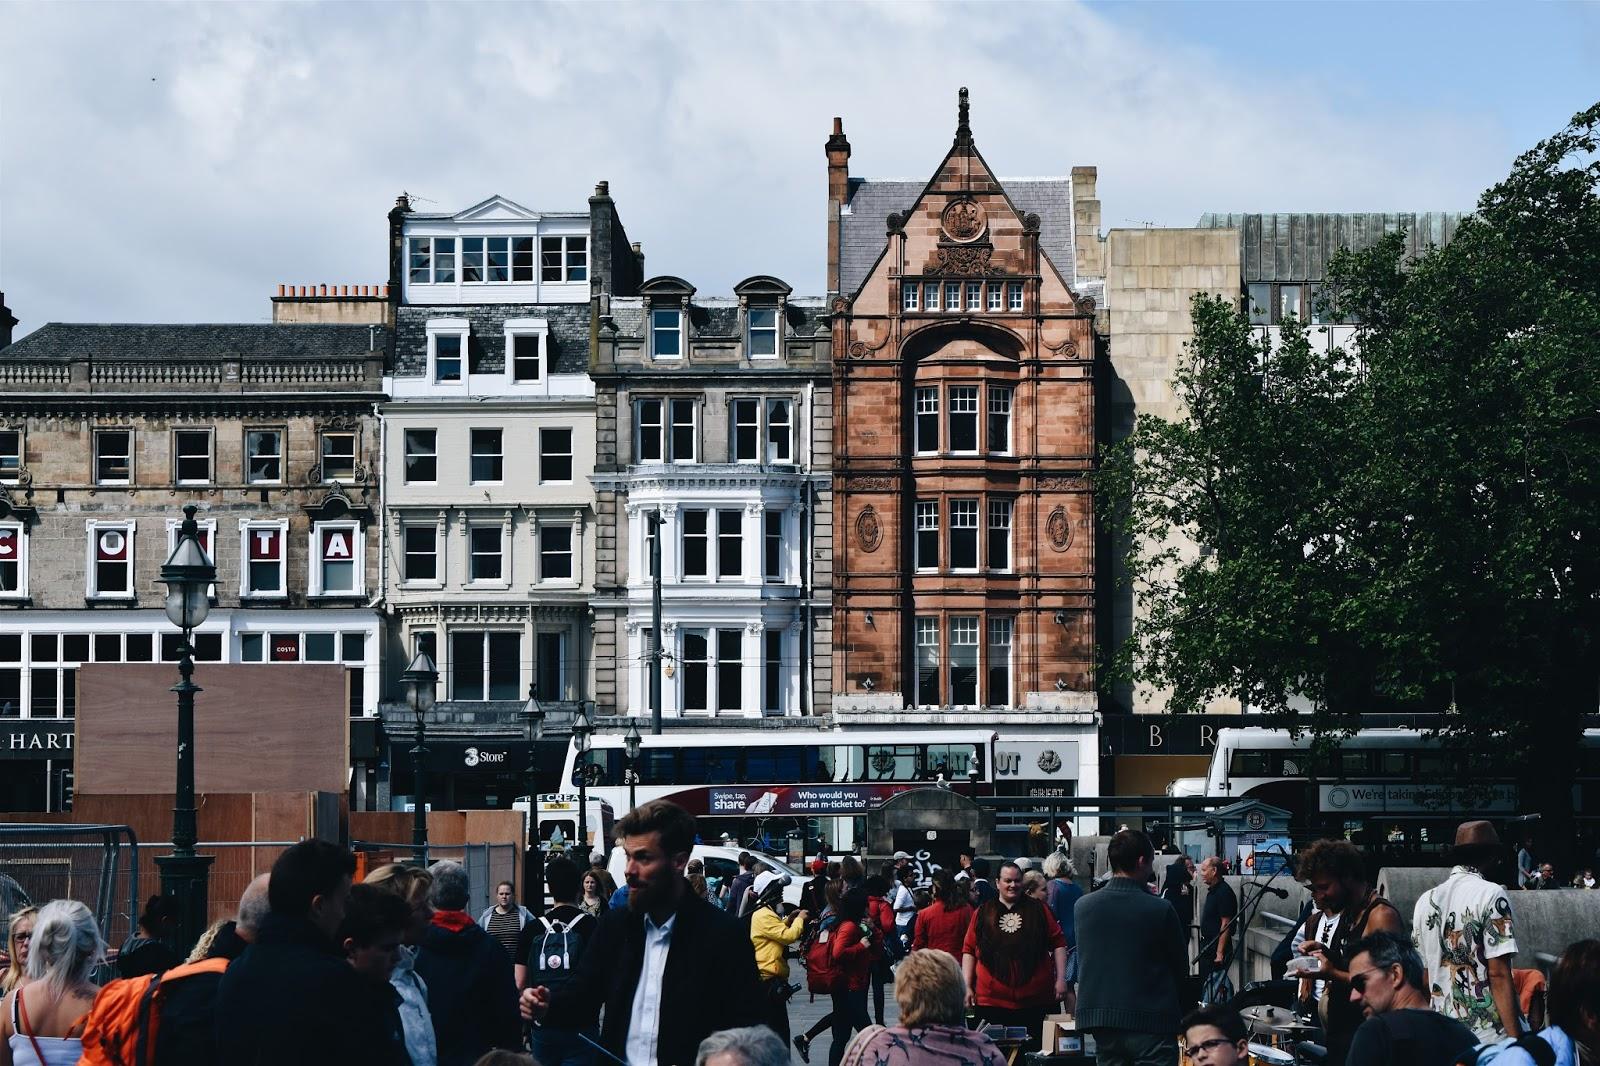 old town, scotland, edinburgh, szkocja, wycieczka, edynburg, costa, stare miasto